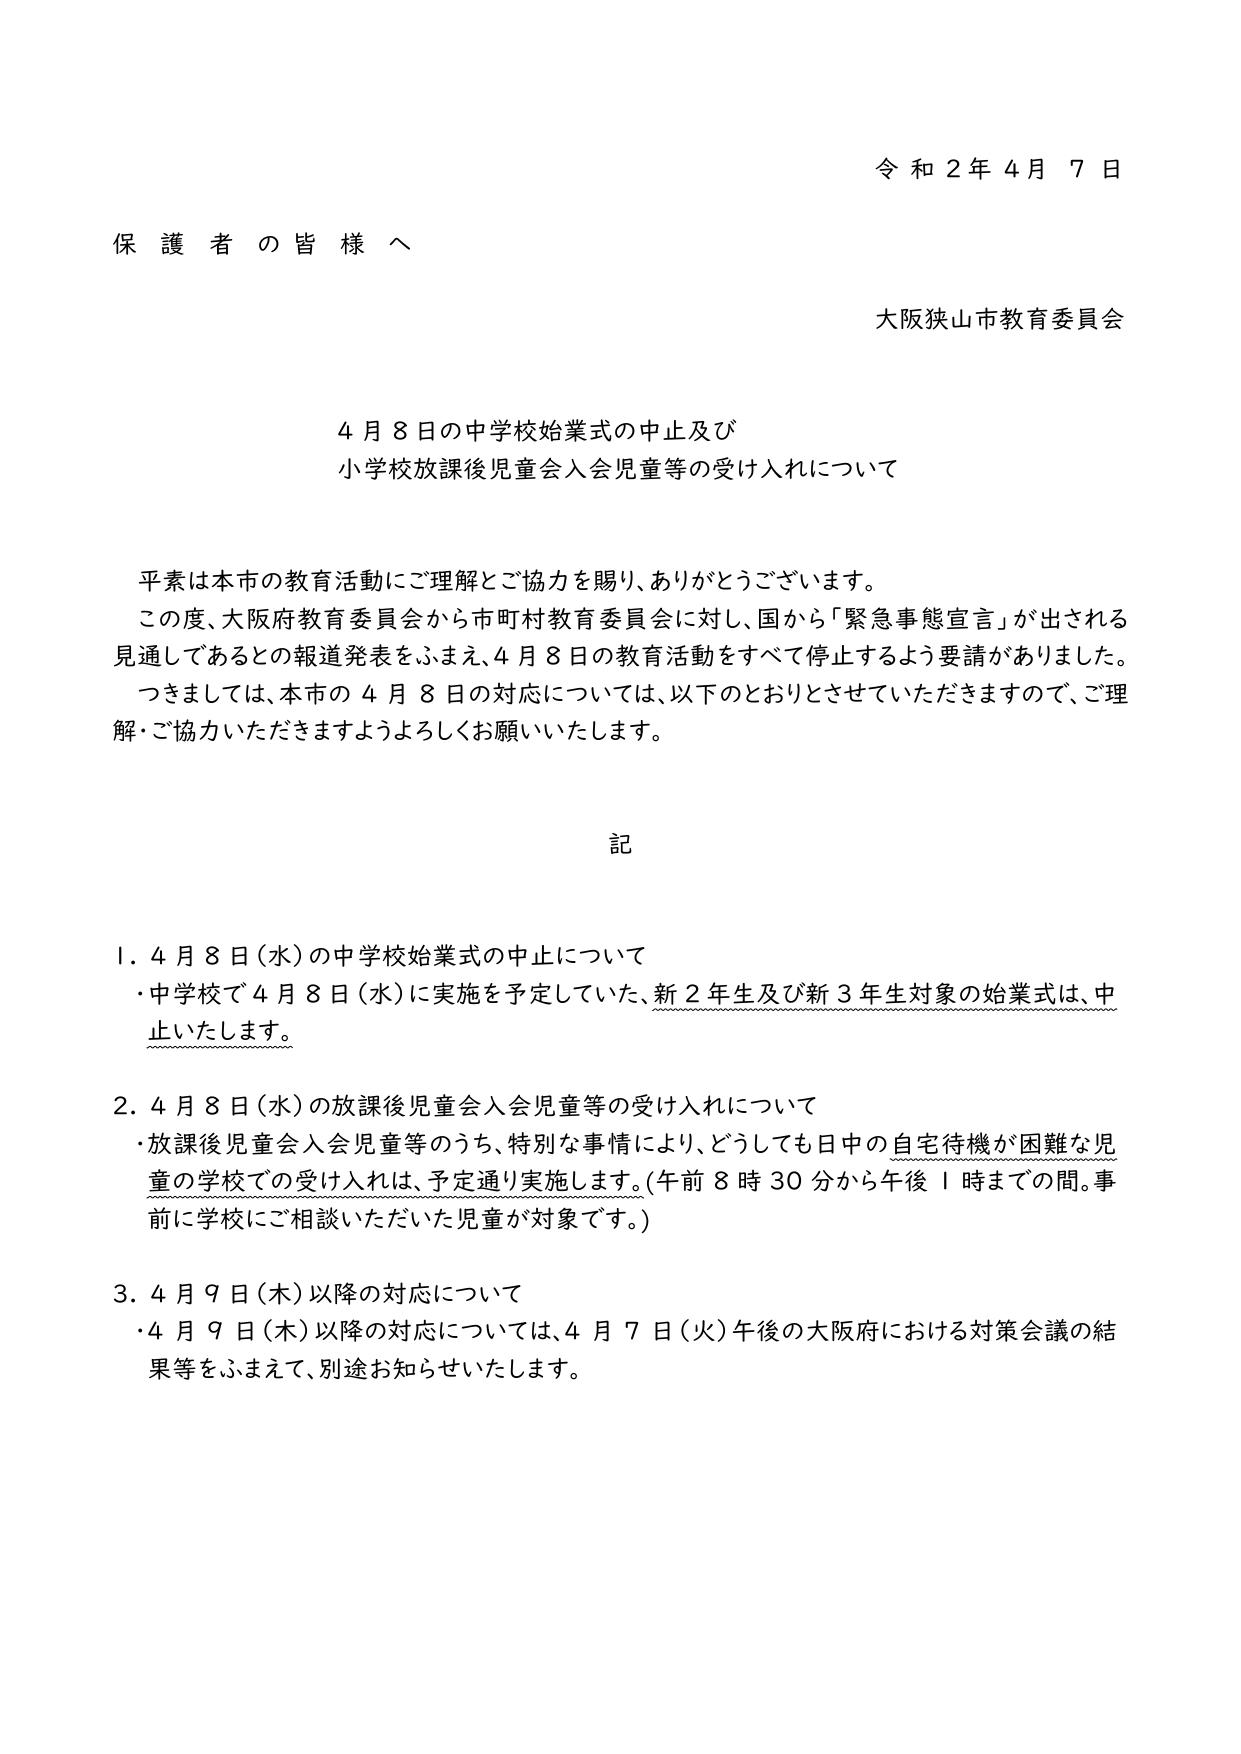 【2020年4月7日付け】4月8日の中学校始業式の中止について